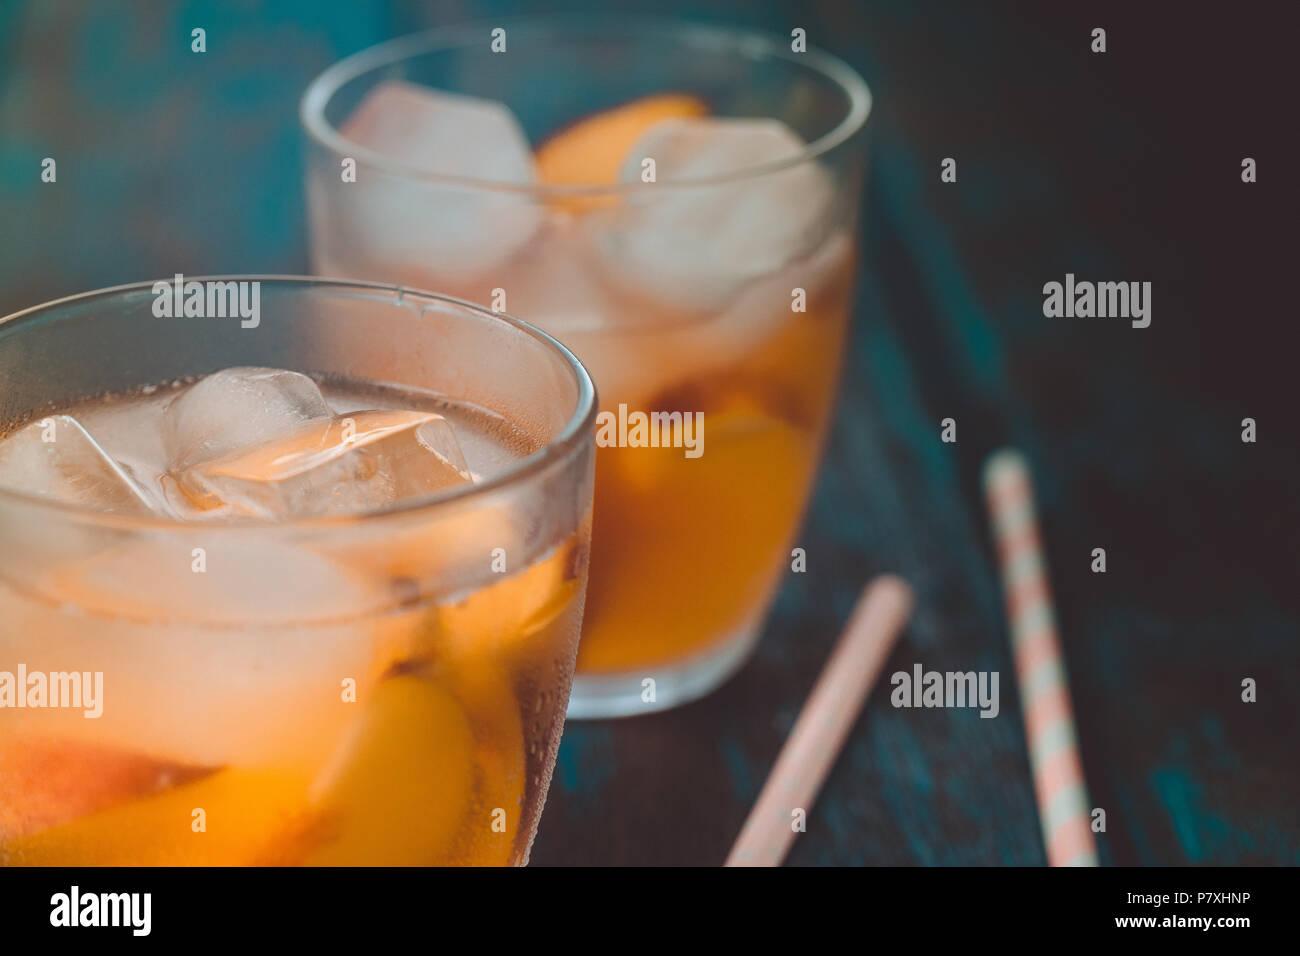 Peach aperol spritz avec tranches de pêches sur le bureau en bois. Cocktails d'été. Peach froid limonade. Photo Stock